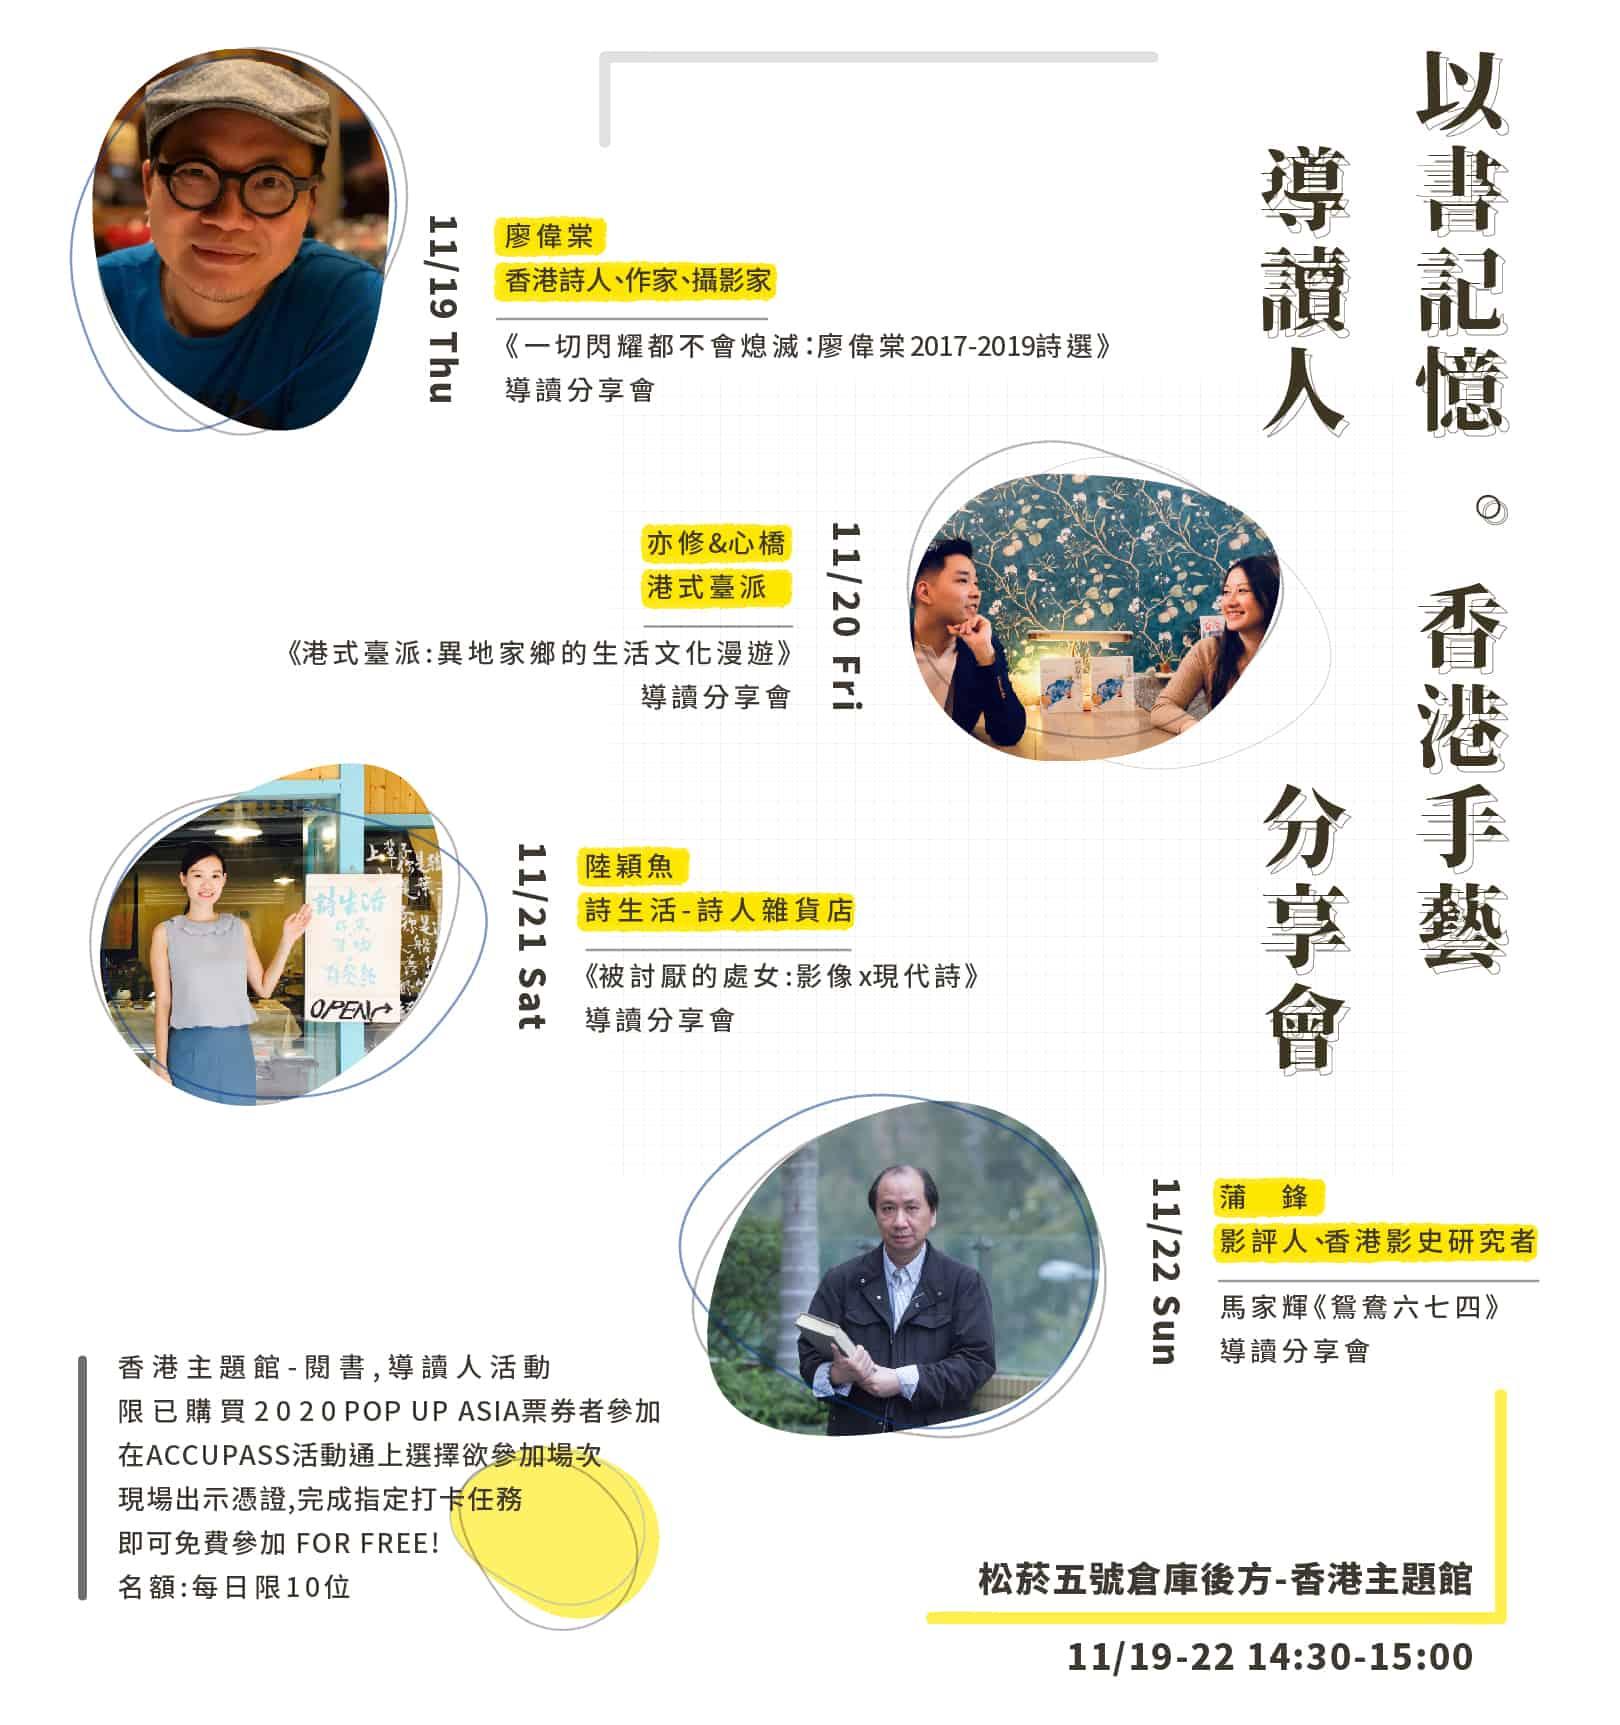 1103香港ACCUPASS其他圖-02-1